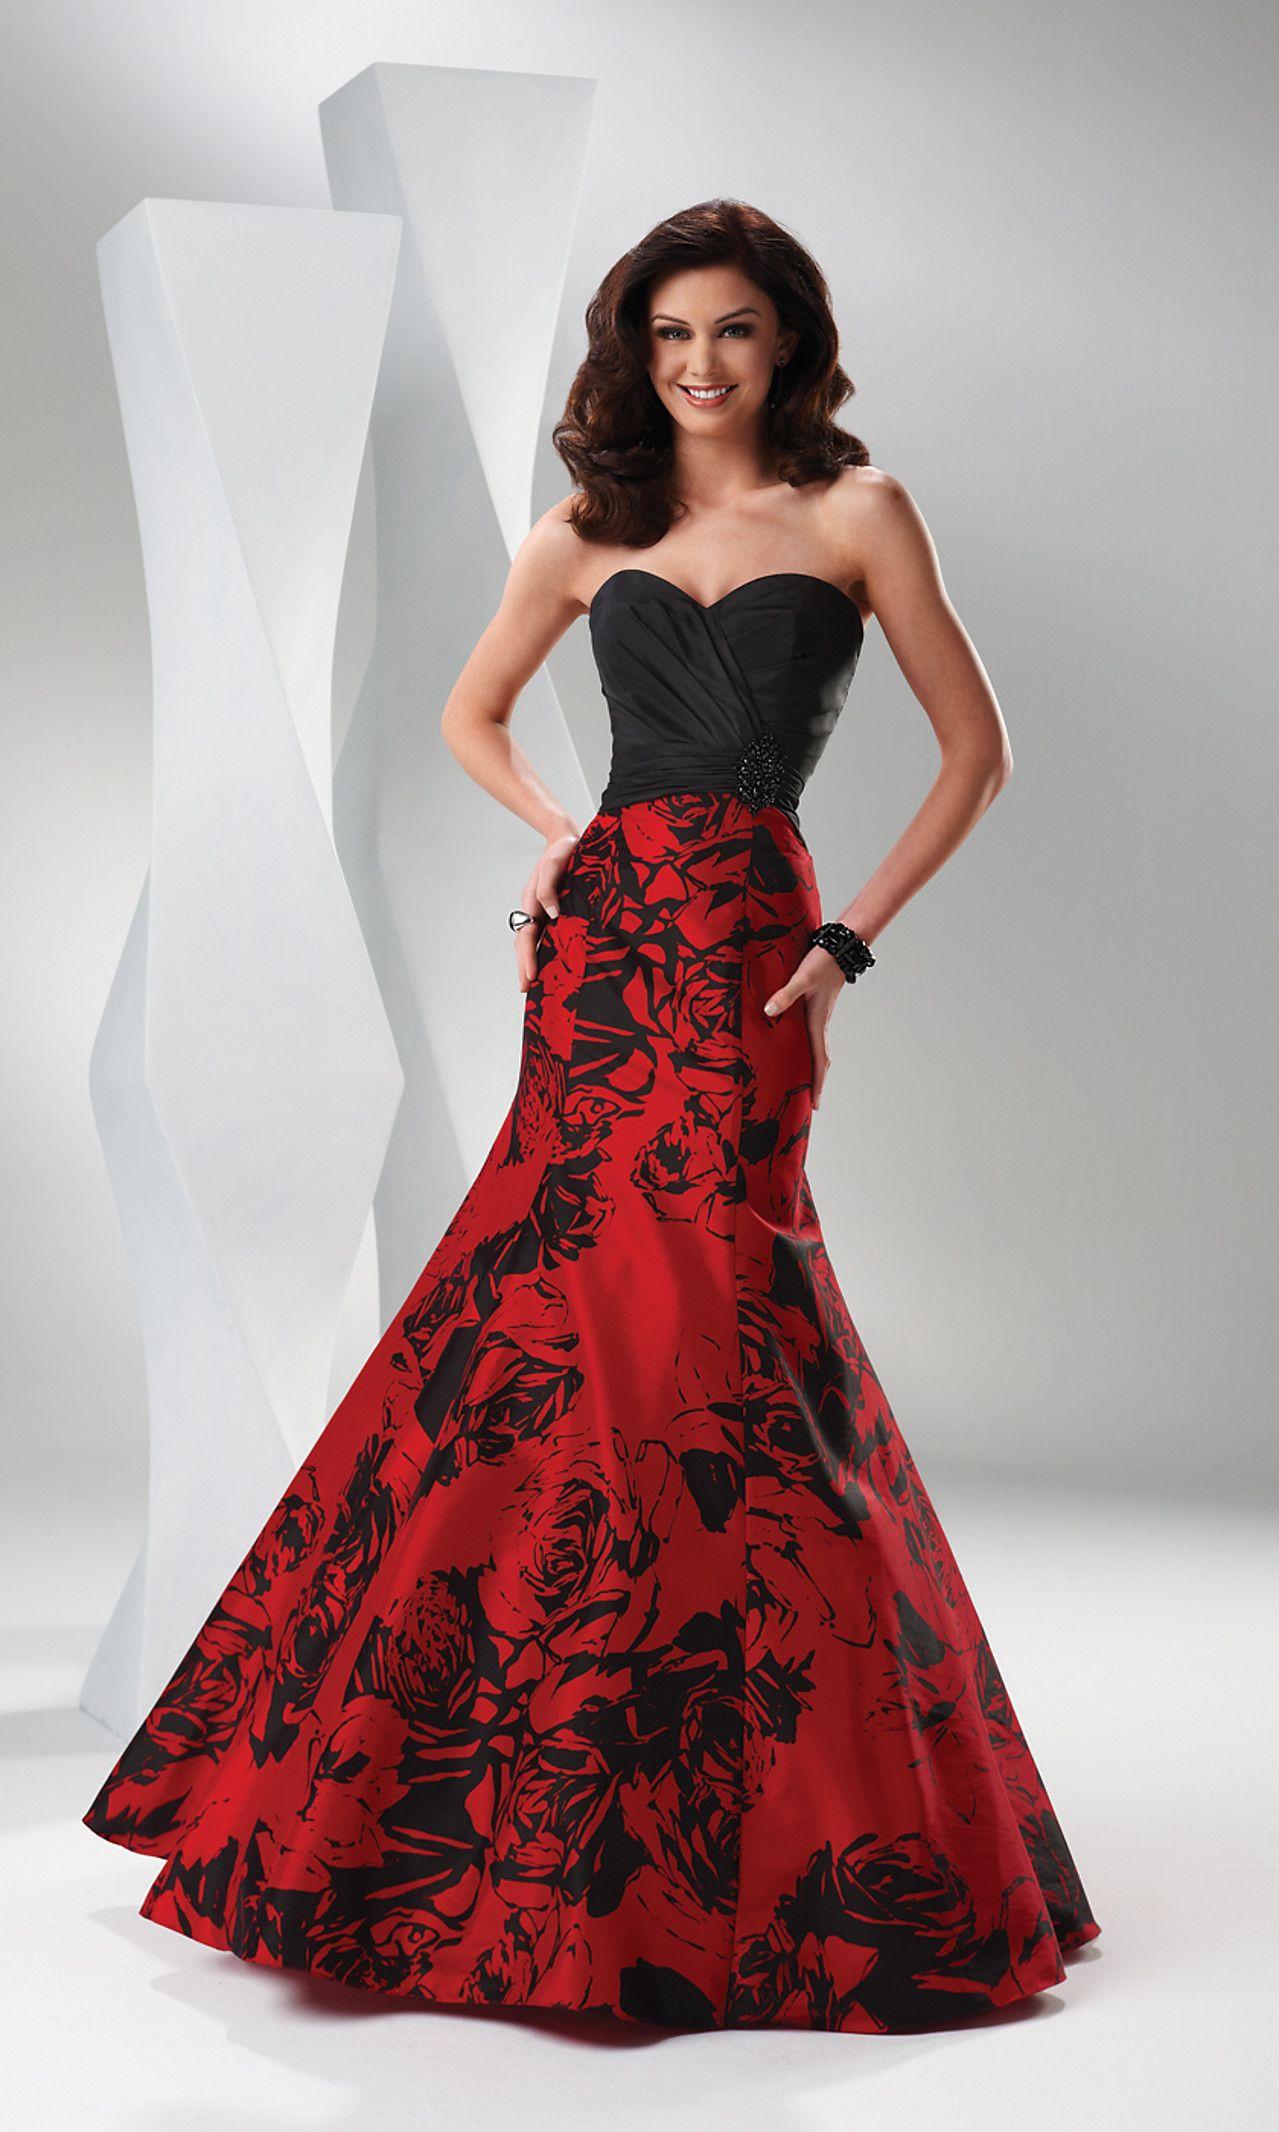 Elegant strapless dress long dress pinterest strapless dress